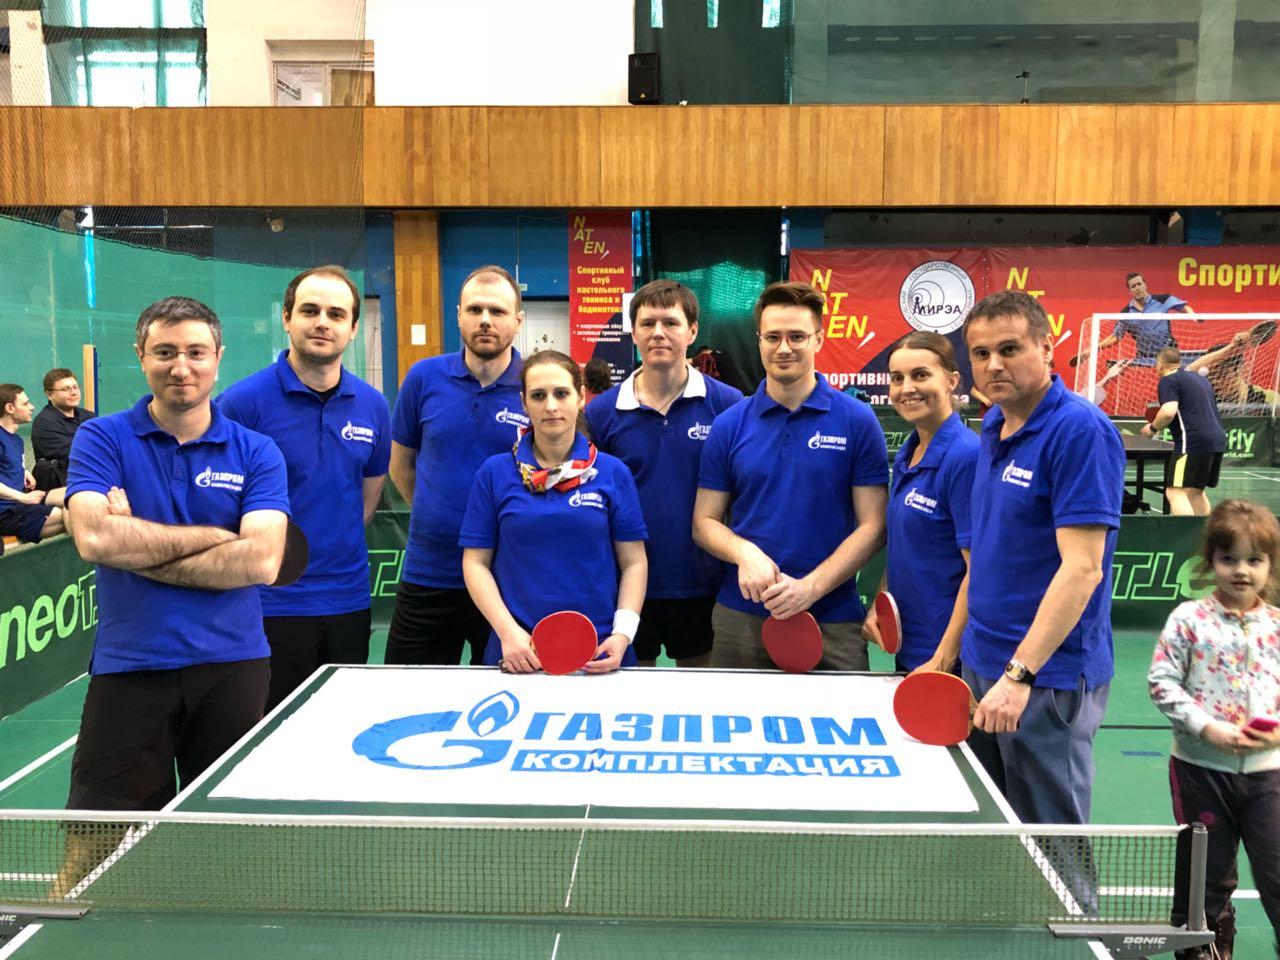 Команда ООО «Газпром комплектация» по настольному теннису